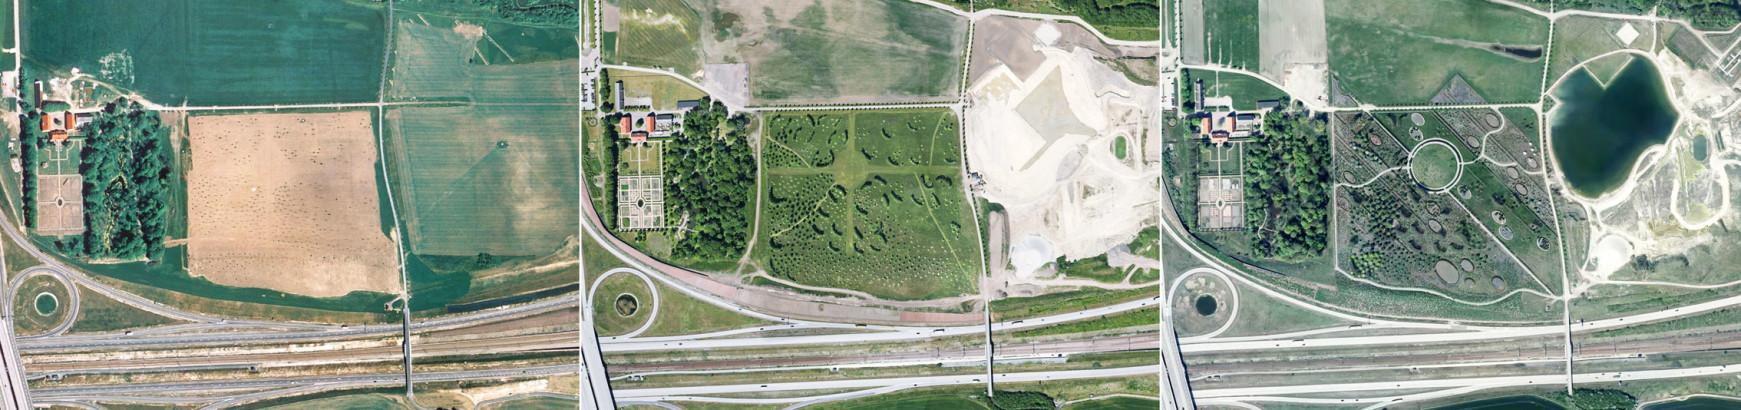 Millenieskogen 2001, 2012, 2016